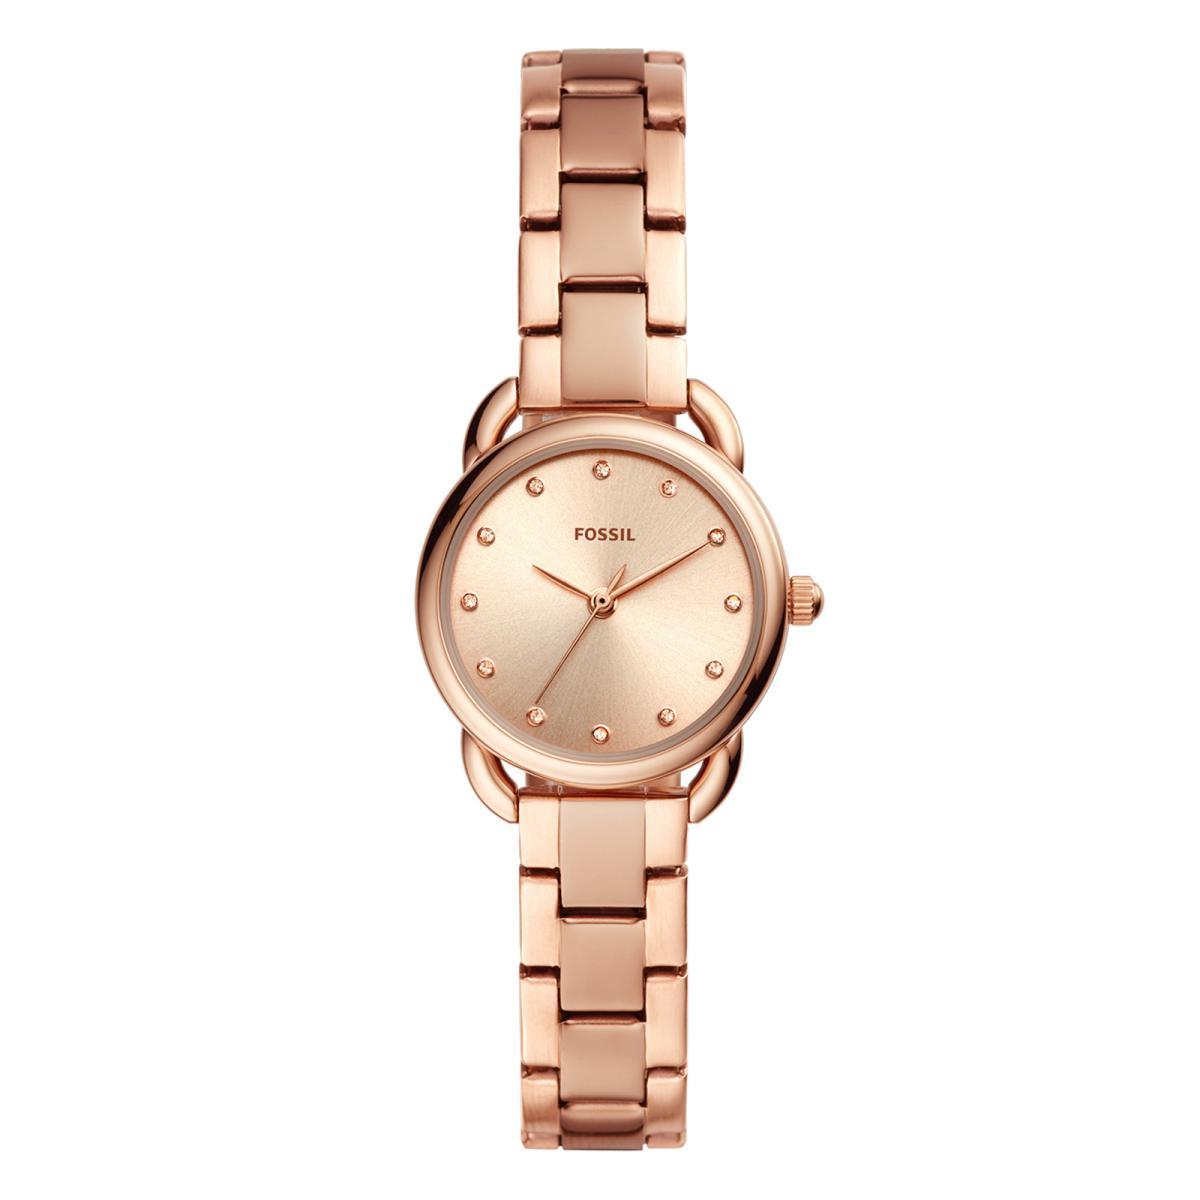 8a9011c40e8c Reloj Fossil - ES4497 - Mujer - Time Square